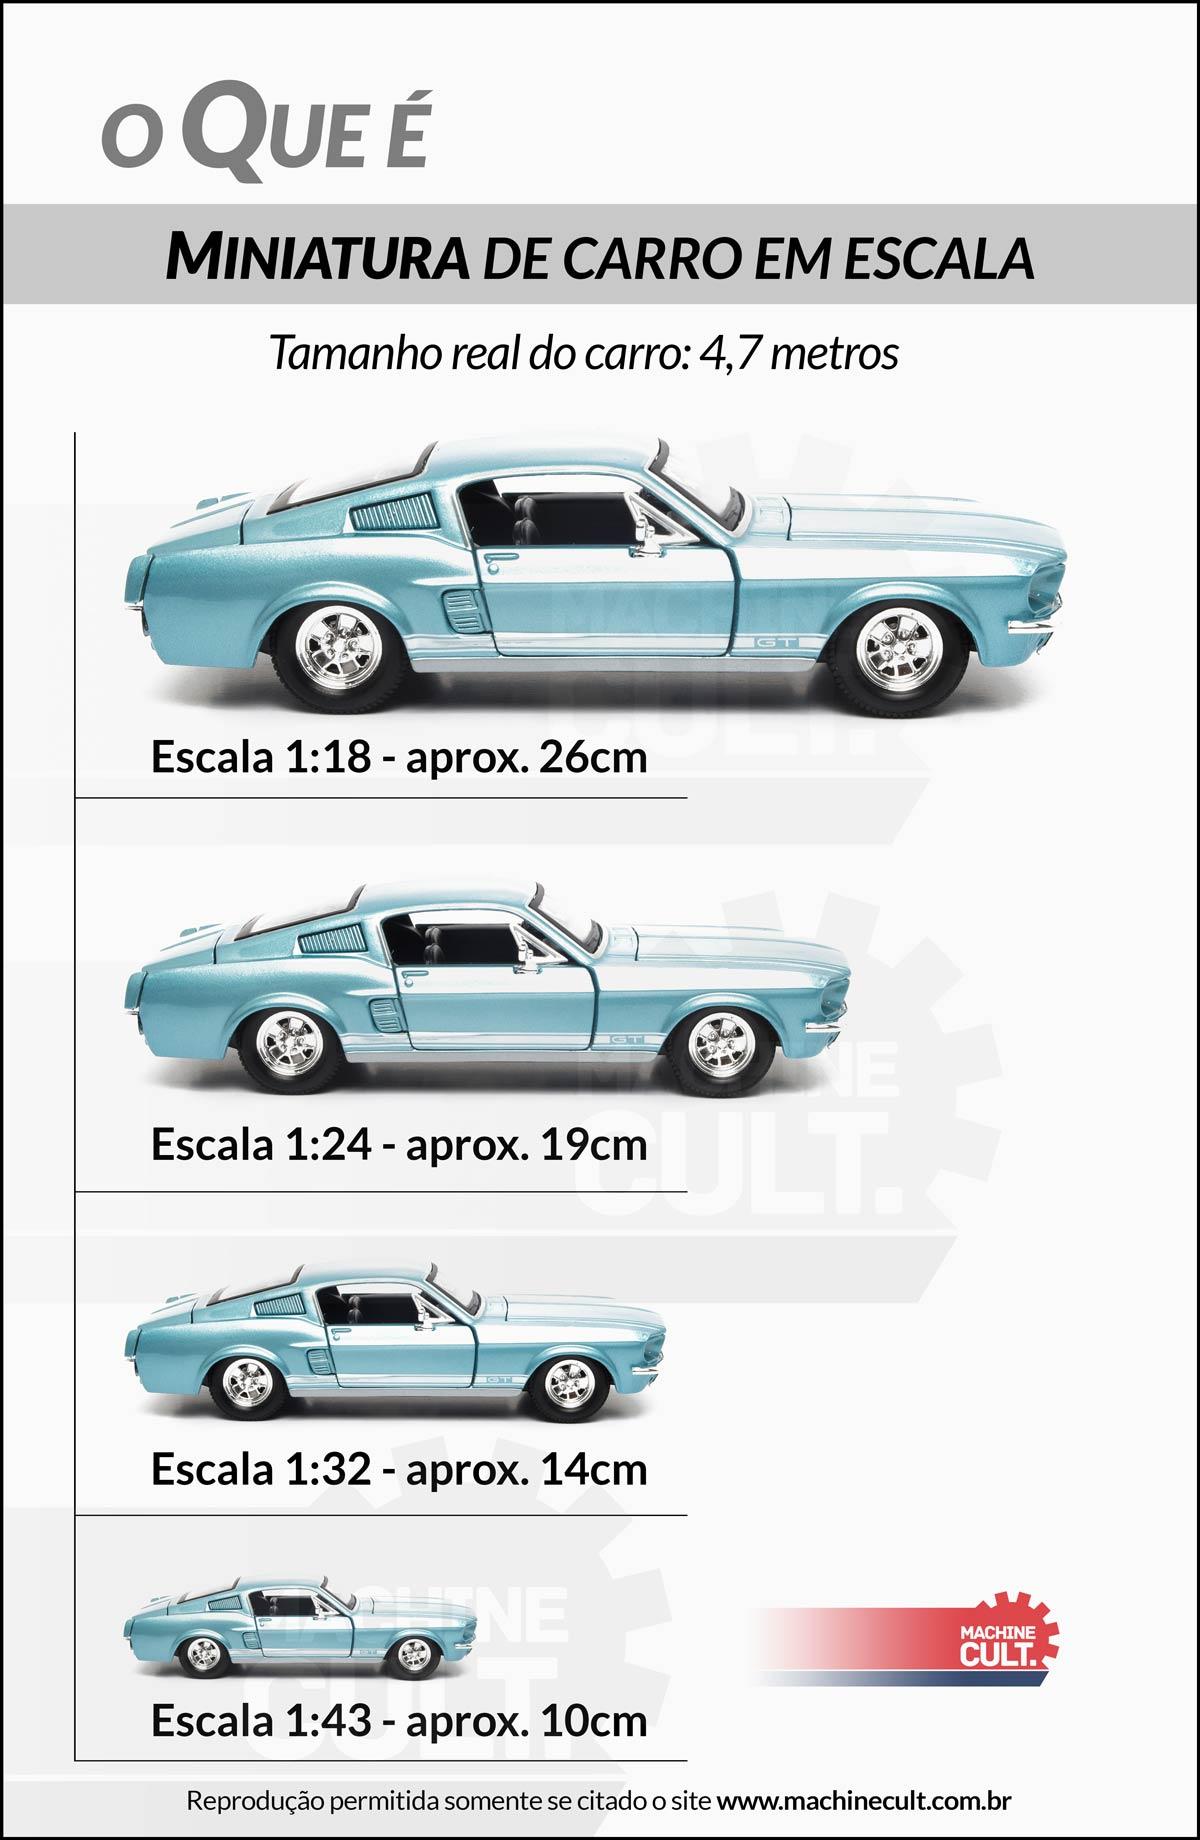 o que é miniatura de carro em escala